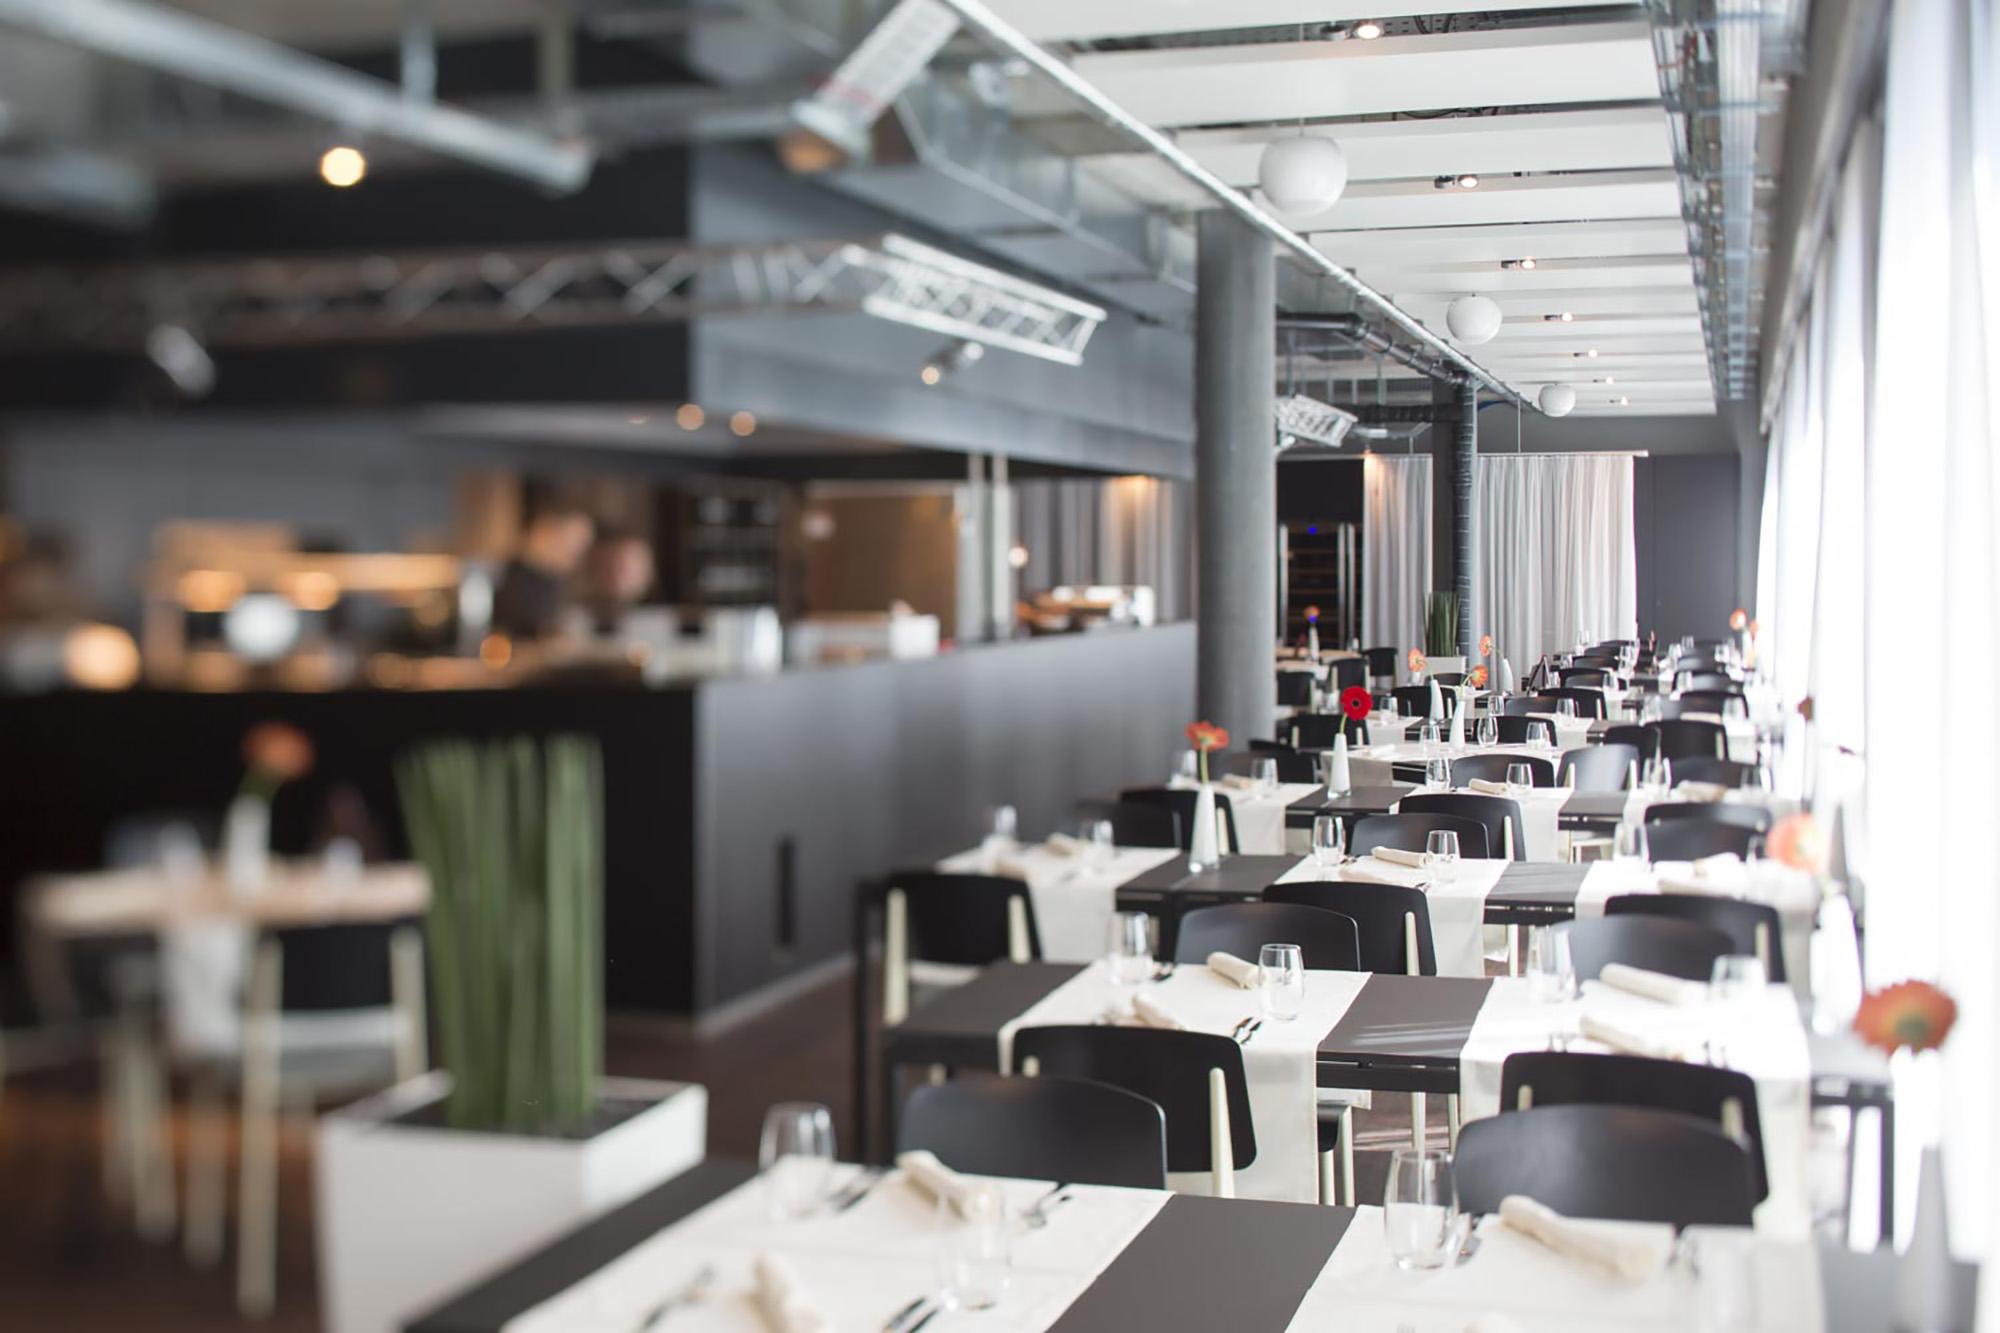 Restaurant The Flow in der Welle 7 in Bern.